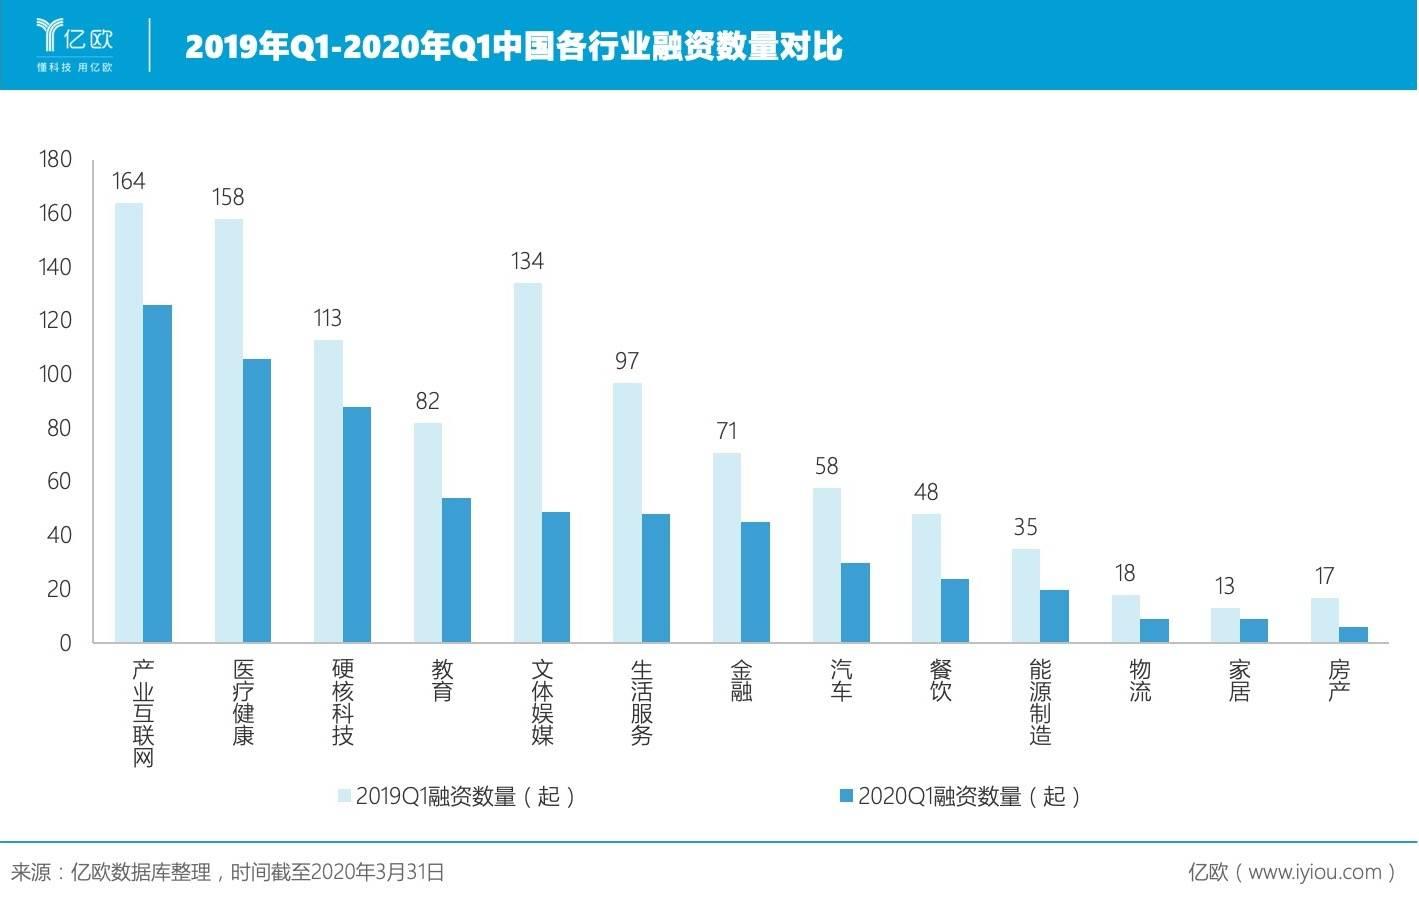 2019年Q1-2020年Q12019年Q1-2020年Q1中国各行业融资数量对比各行业融资数量对比.jpeg